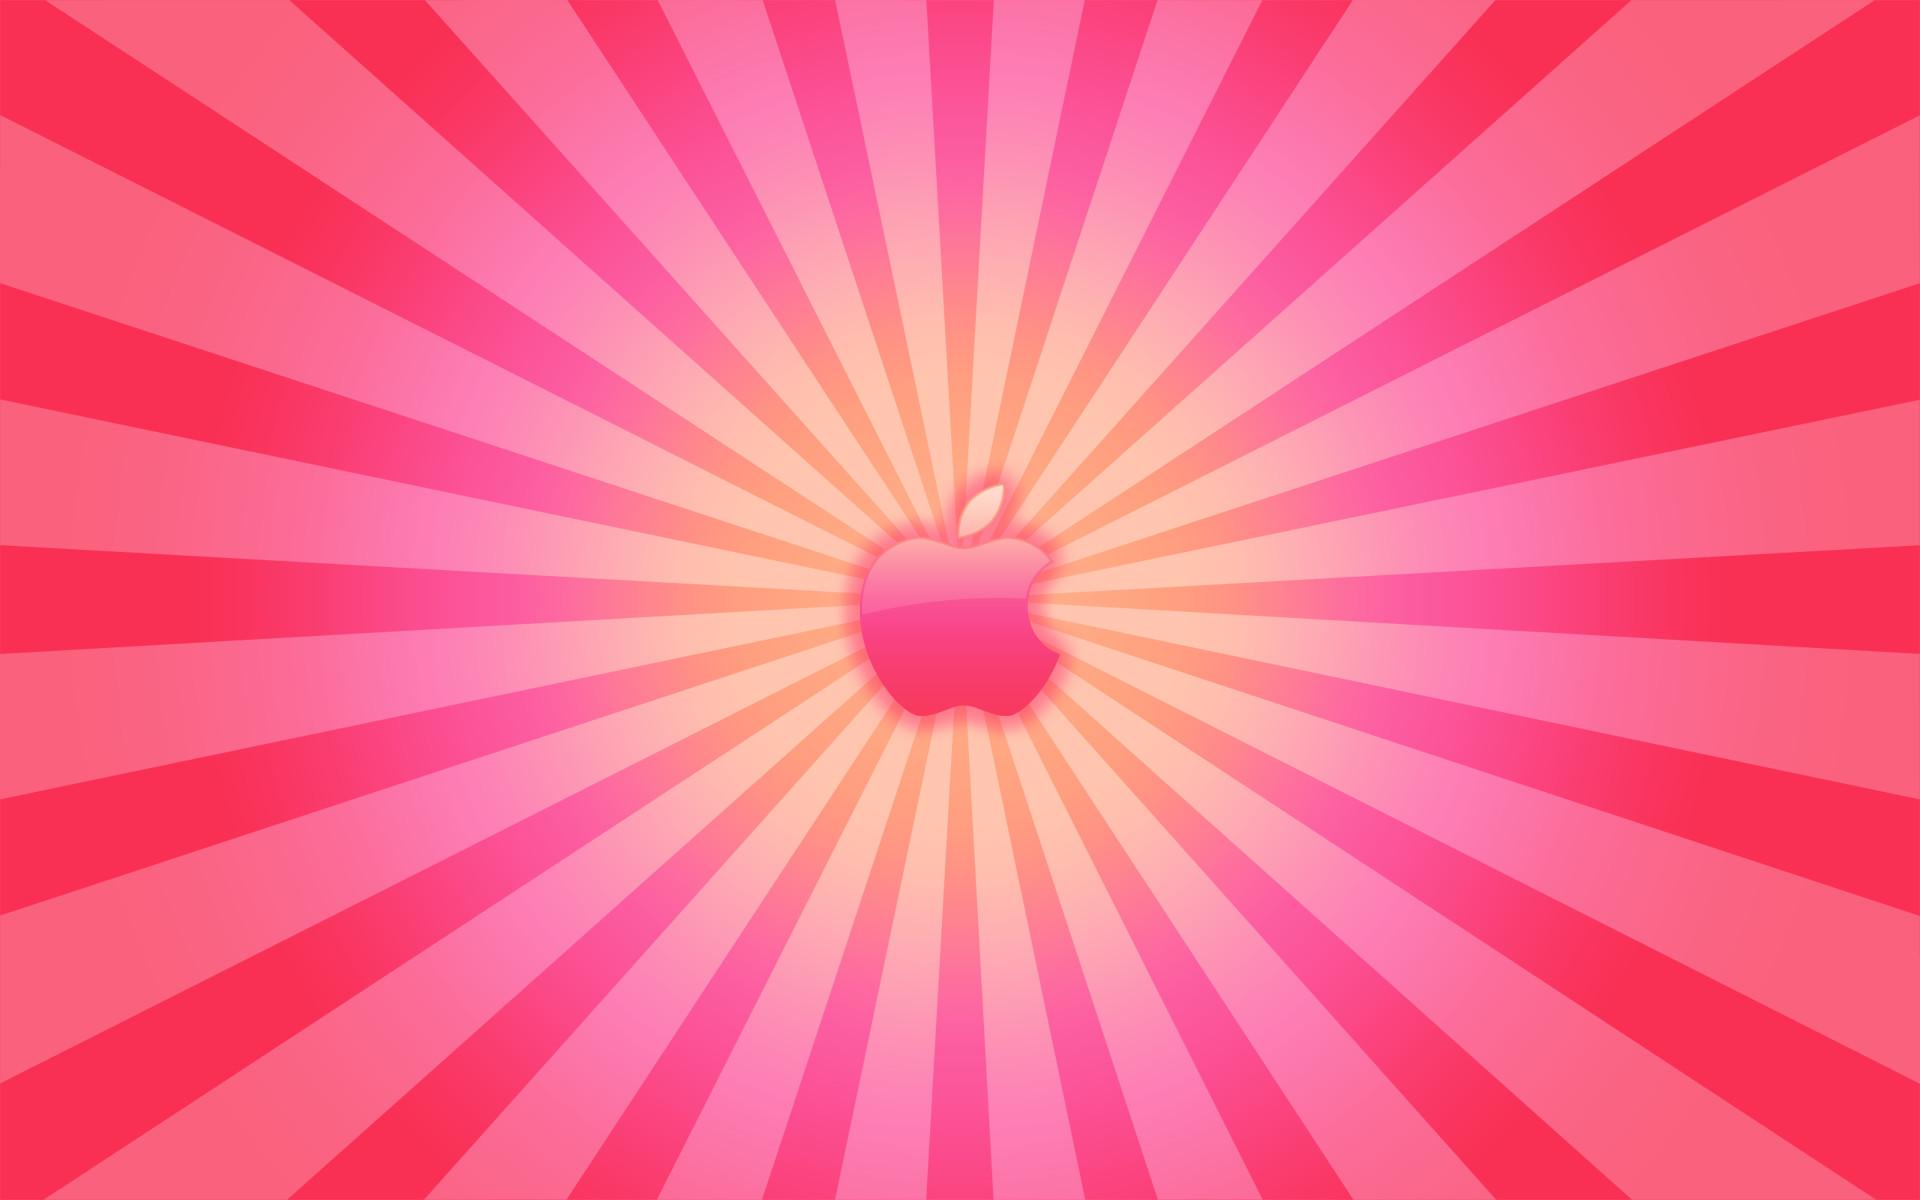 Backgrounds for Desktop: Pinky, November 9, 2014